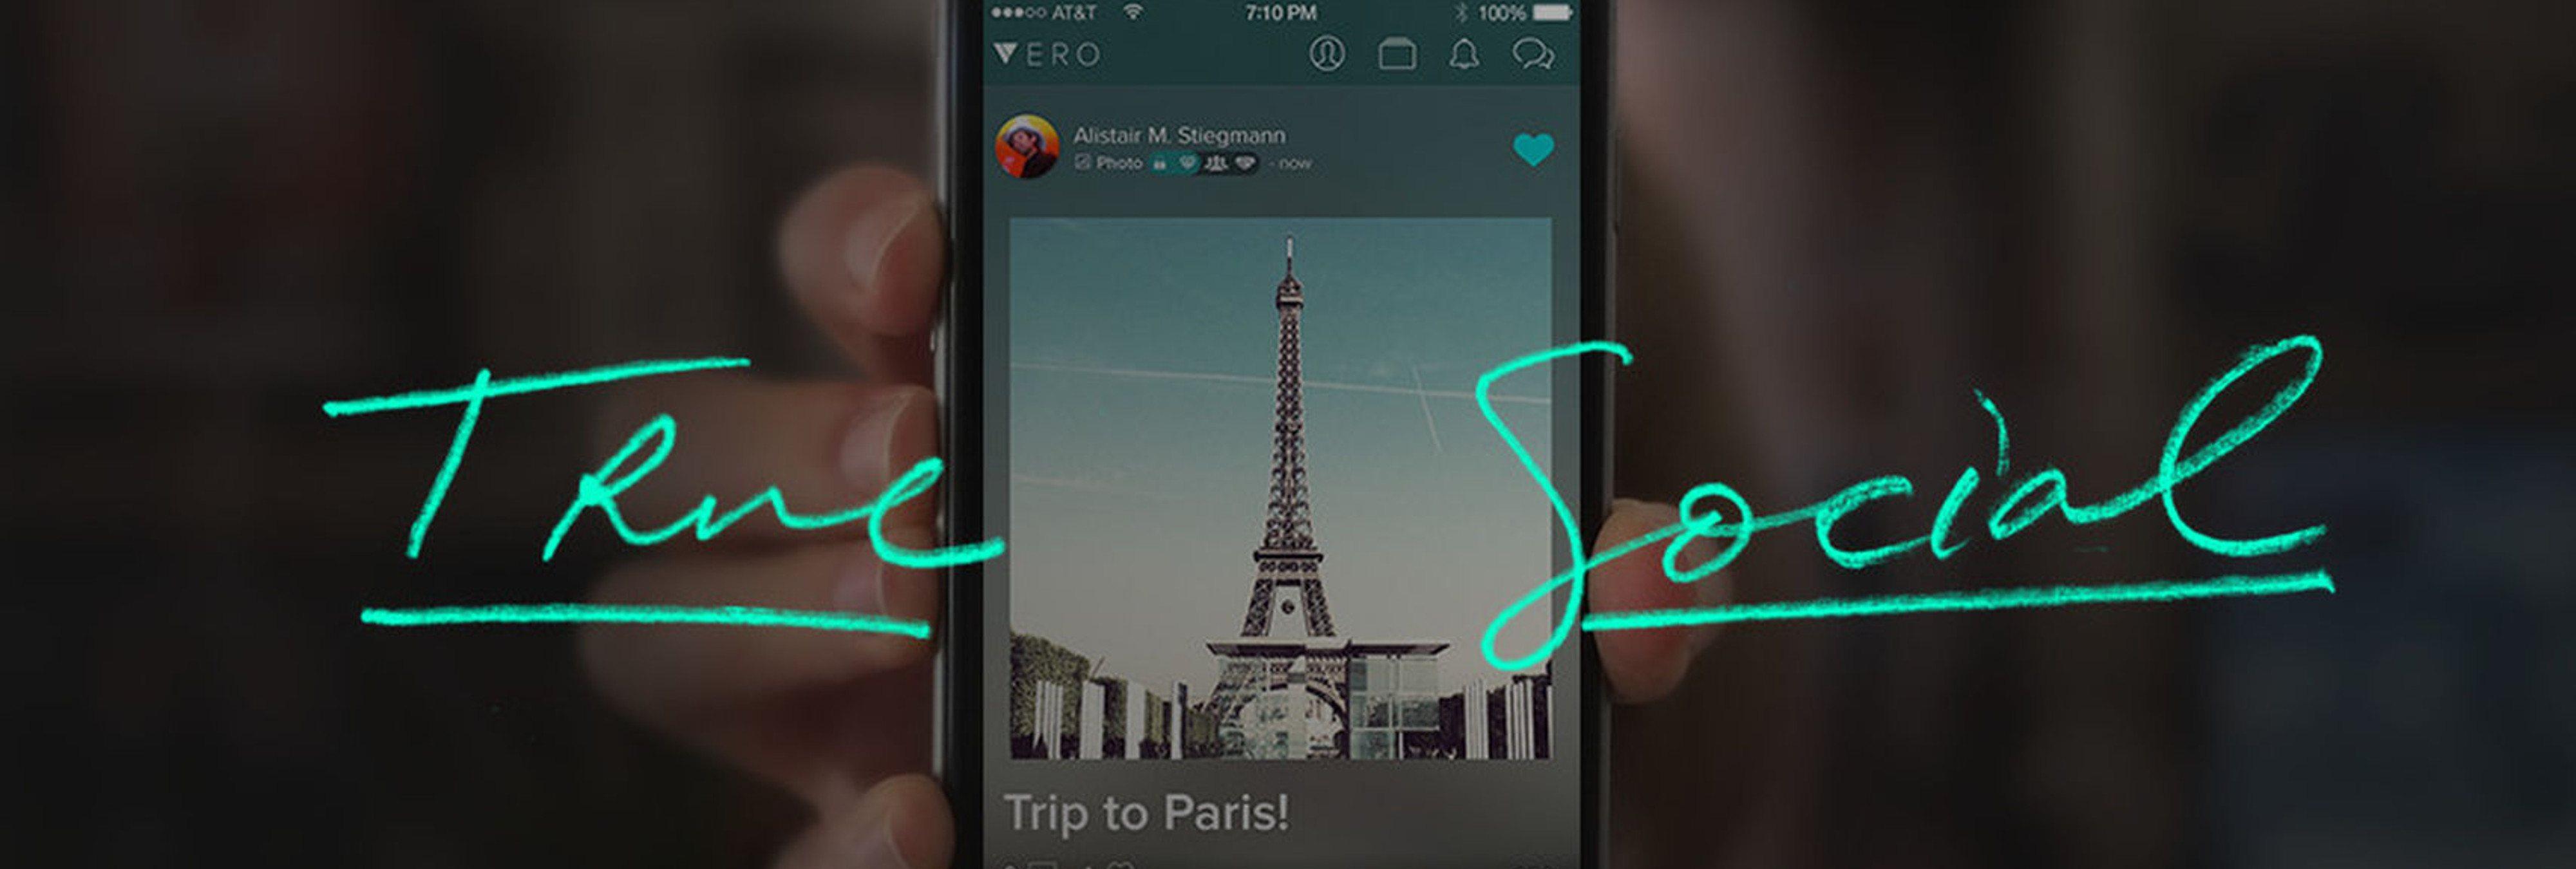 Vero, la nueva red social que quiere sustituir a Instagram